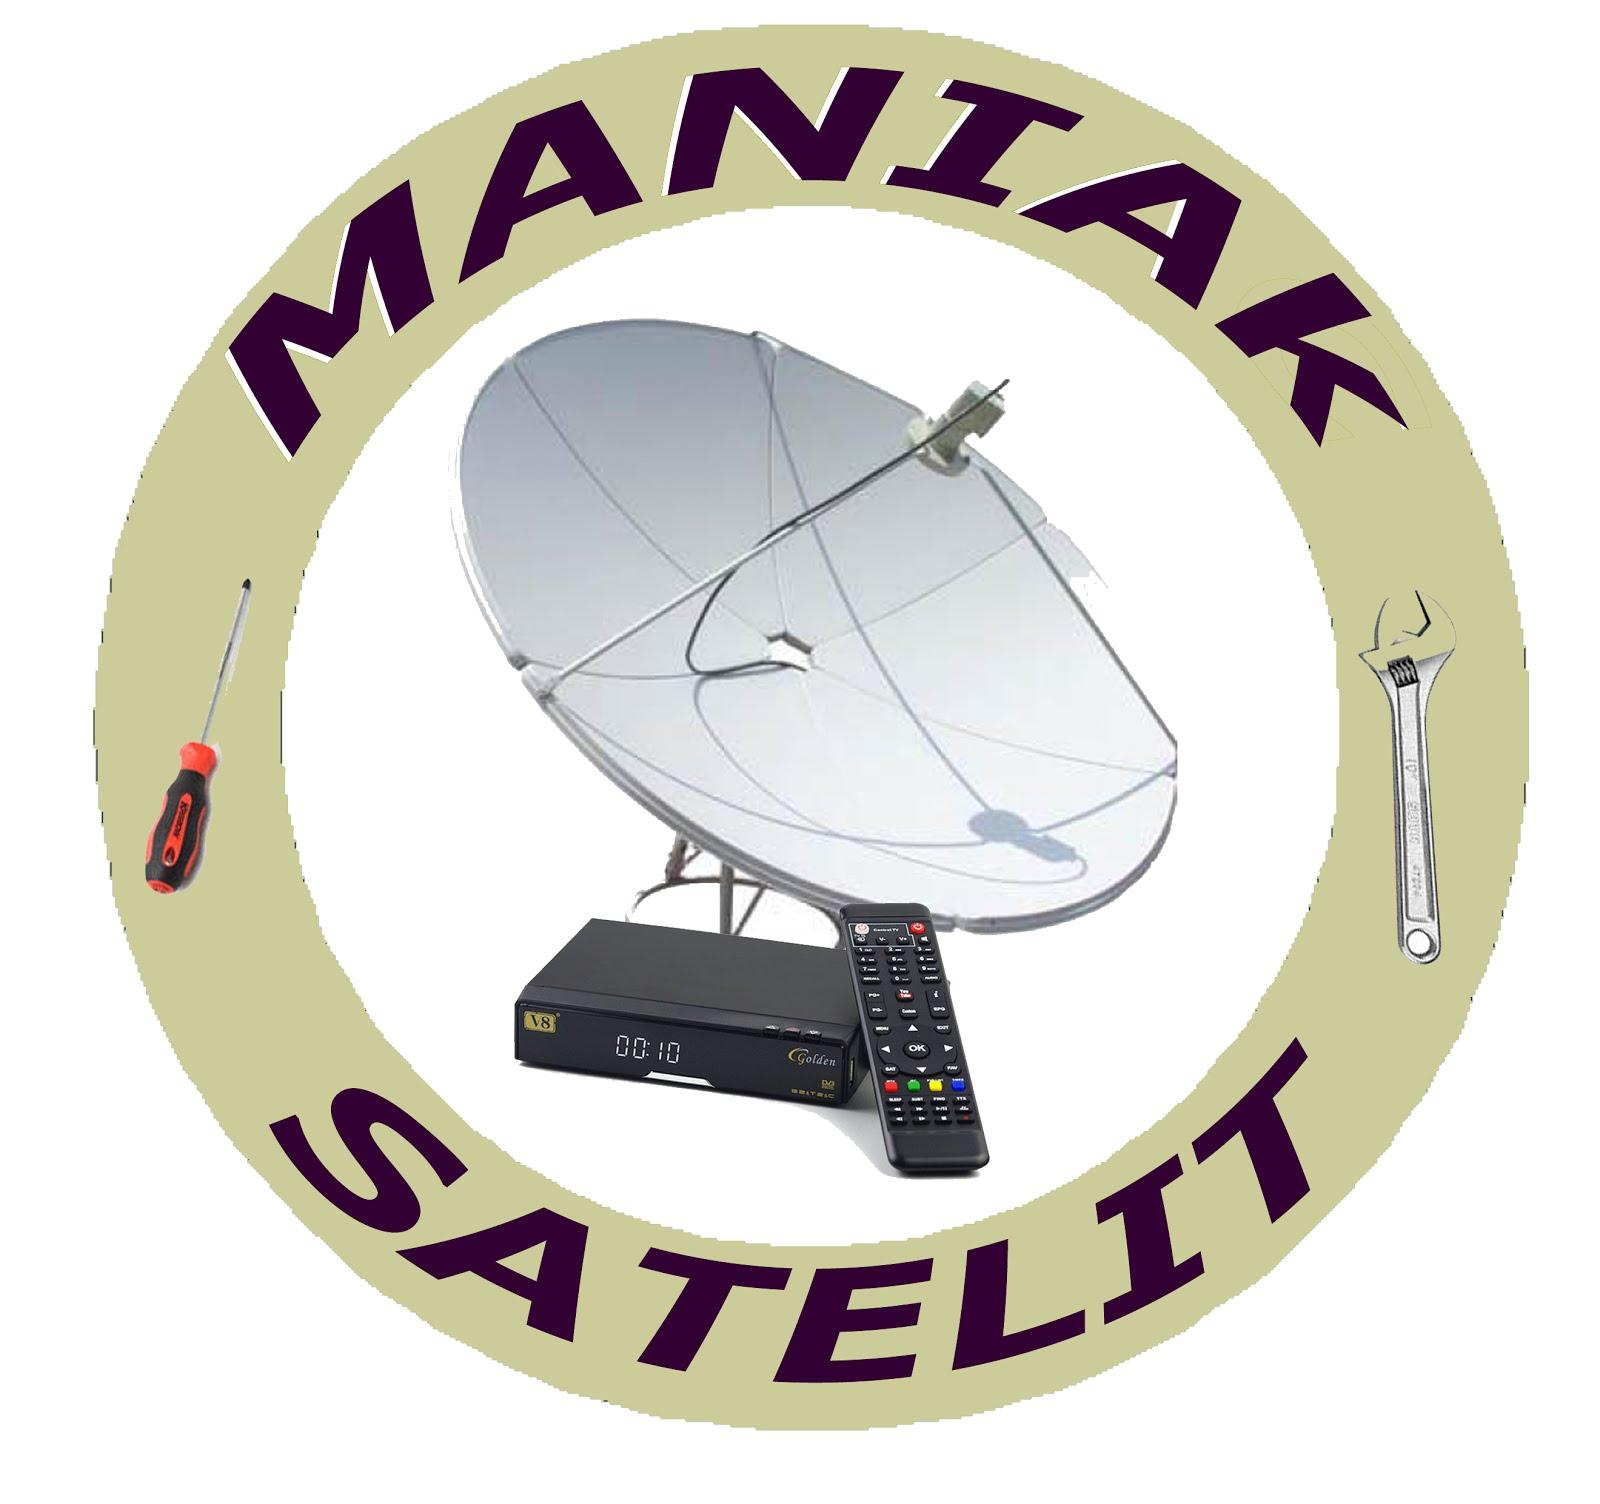 Panduan Cara Tracking Satelit Secara Cepat Dan Tepat